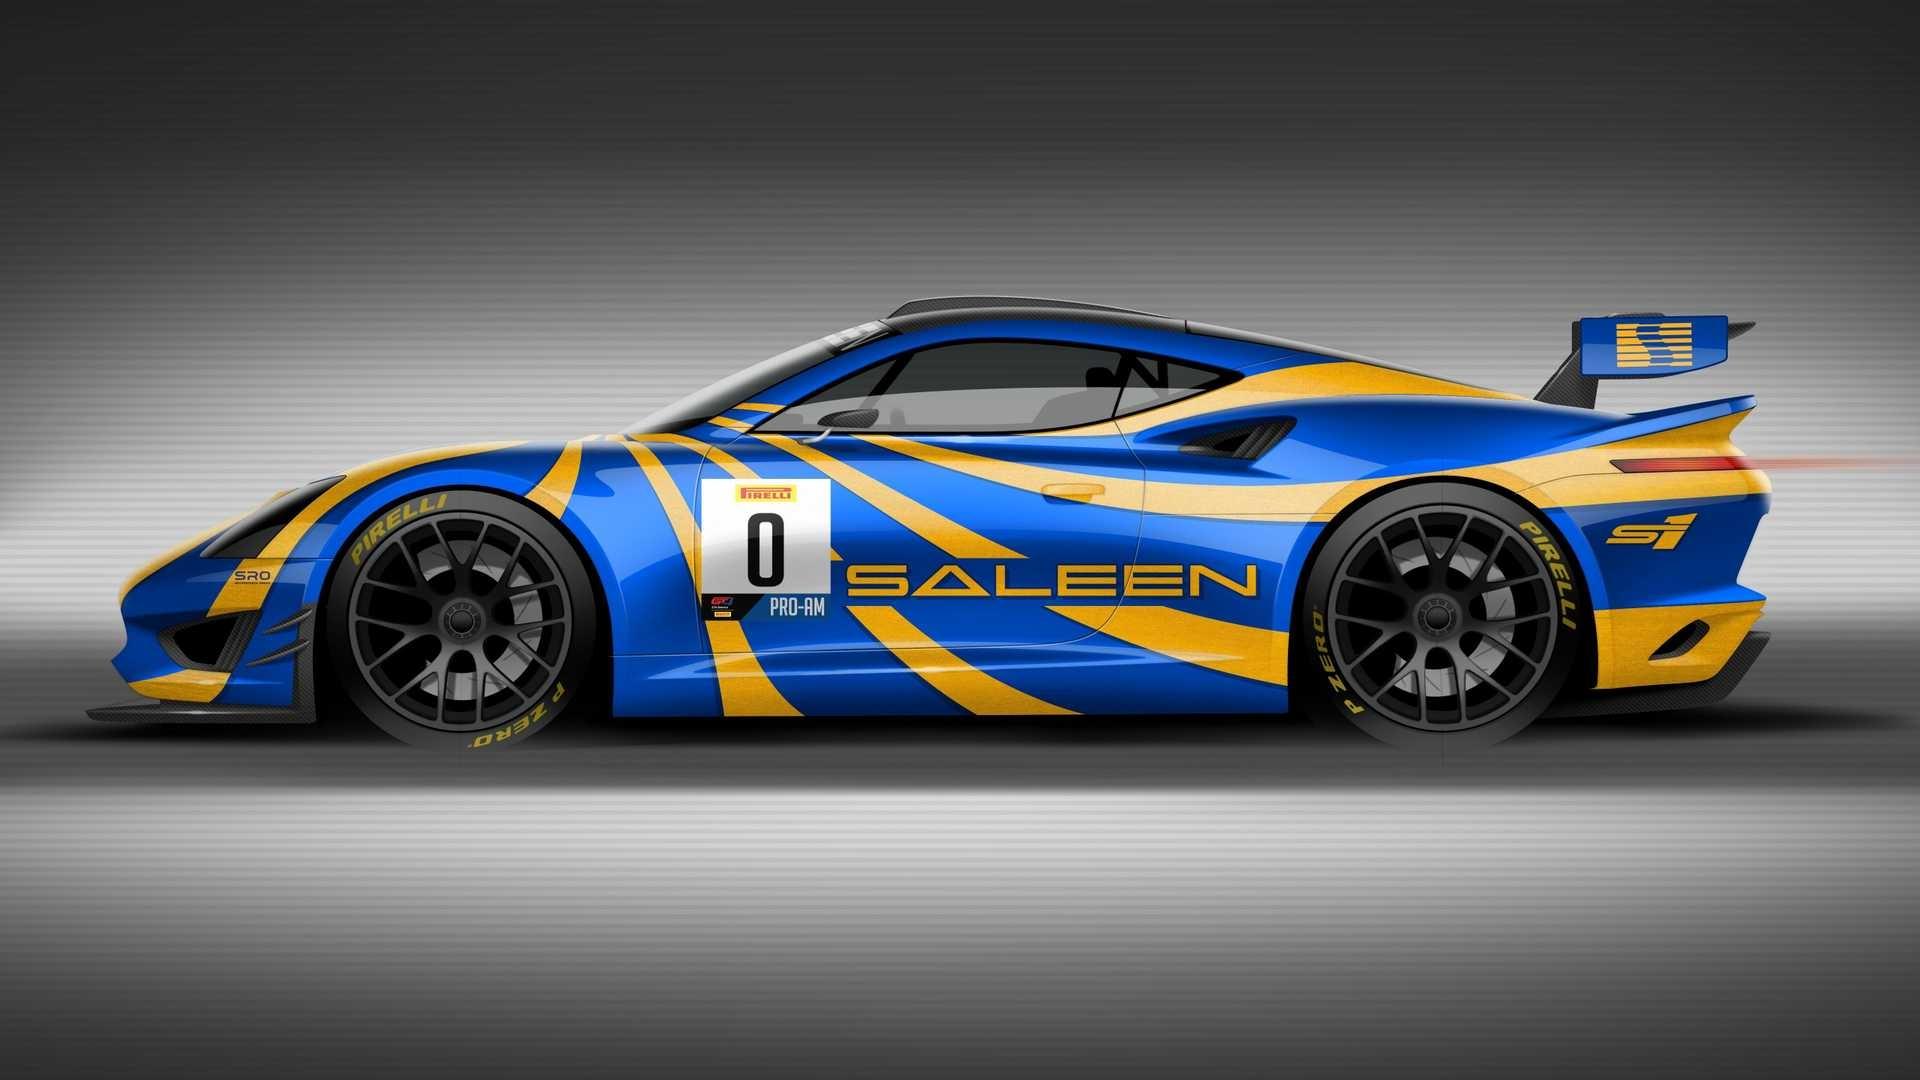 21b417ac-saleen-gt4-concept-race-car-1